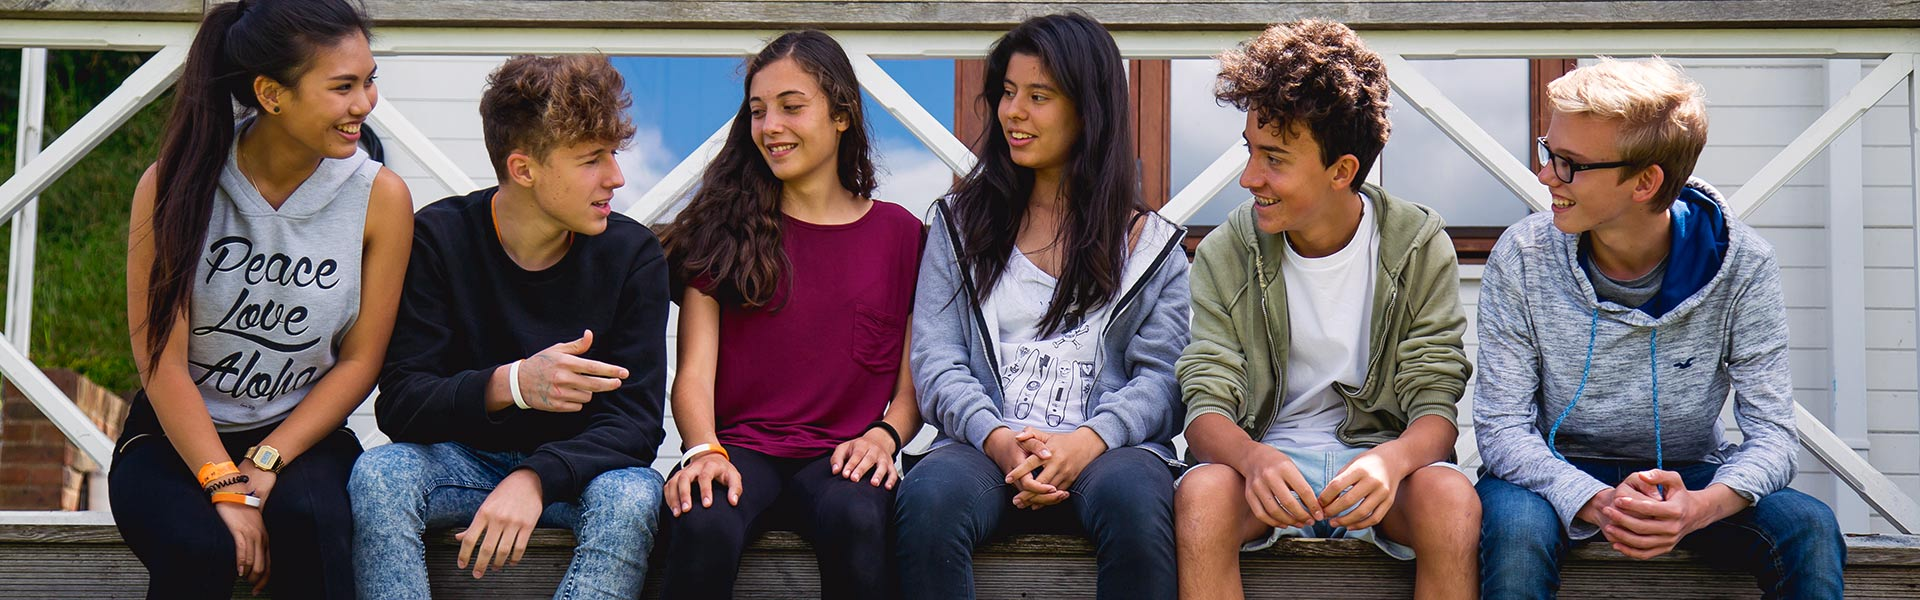 Cursos de inglés para jóvenes Verano con monitor